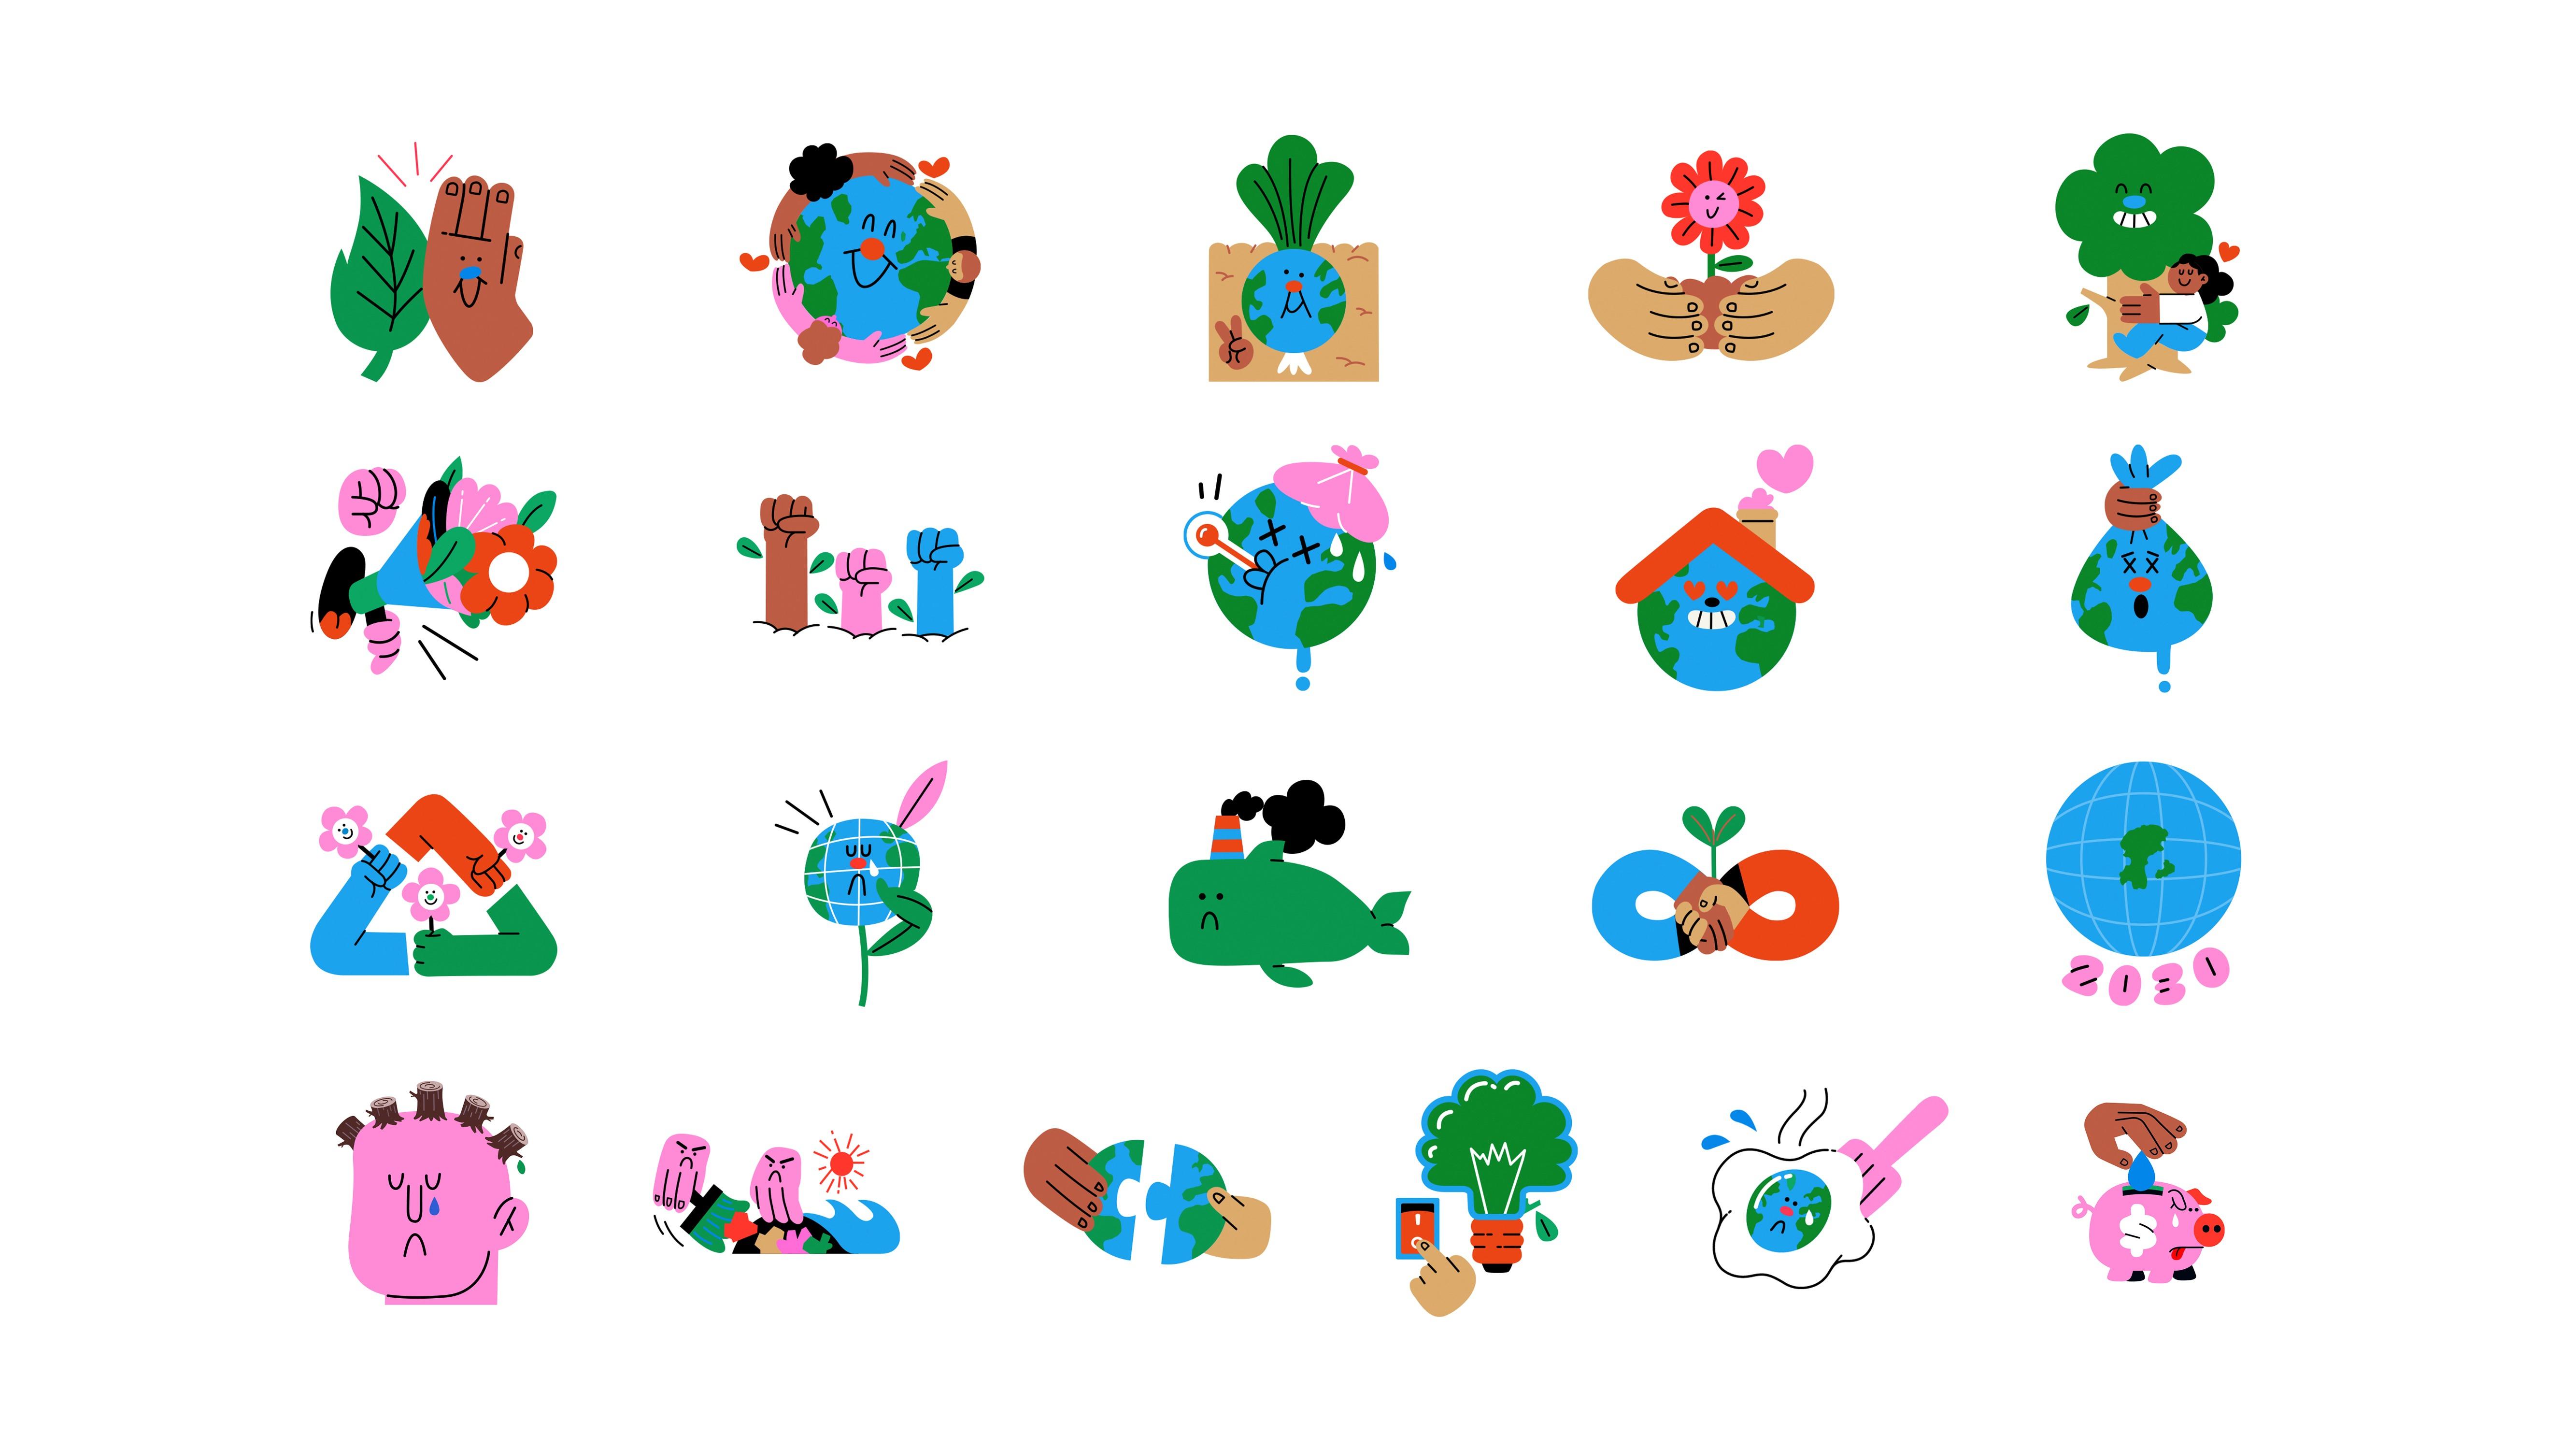 Así es la colección de stickers añadidos.